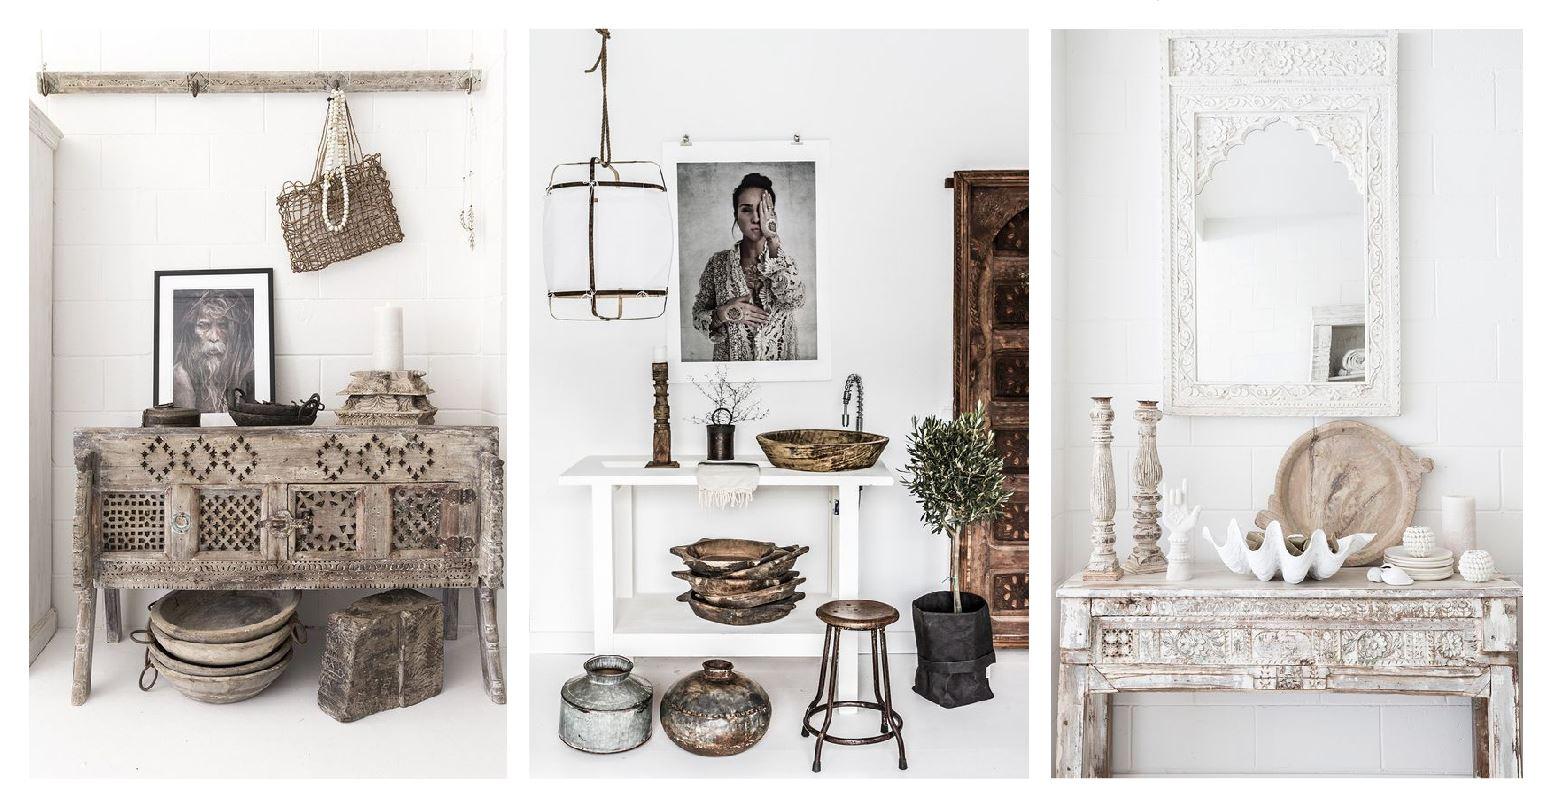 Mobiliario de estilo indie morocco para decorar con estilo noretnic